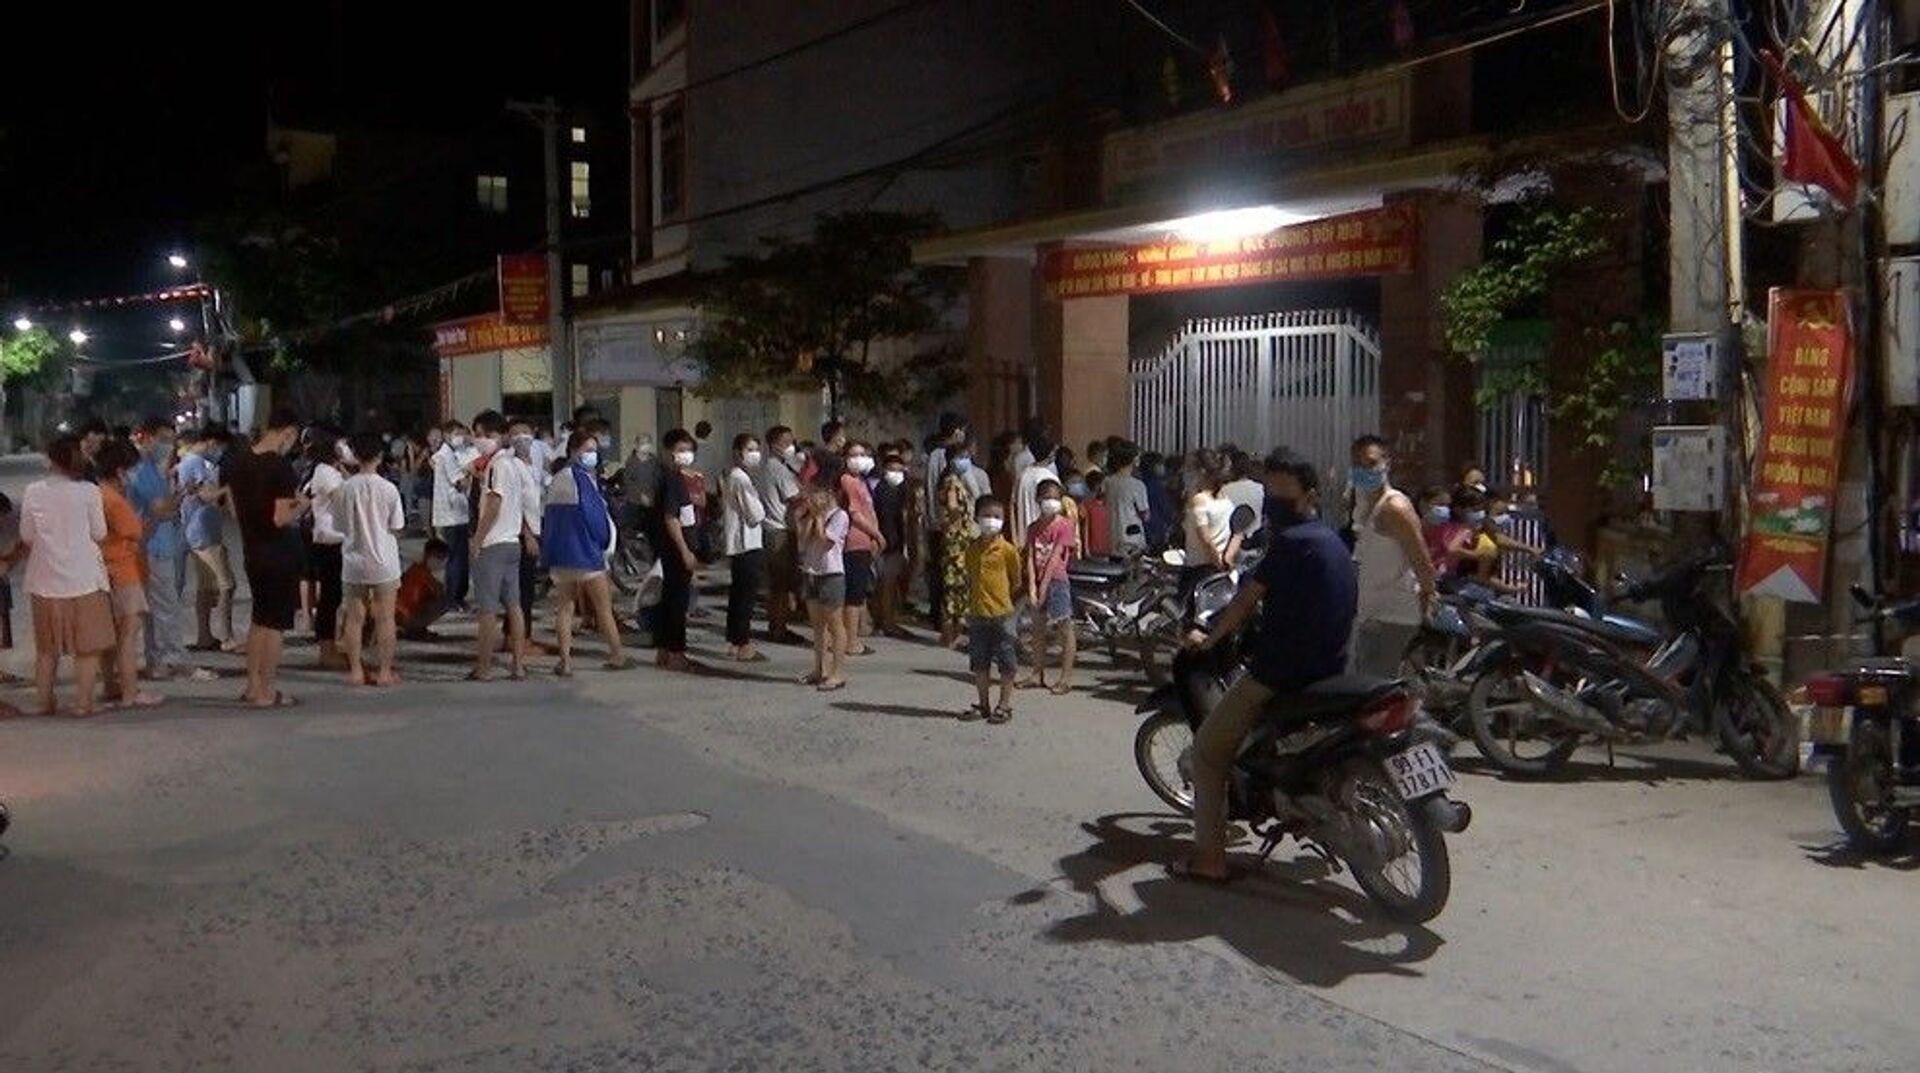 Hà Nội yêu cầu người trở về từ huyện Thuận Thành, tỉnh Bắc Ninh tự cách ly, khai báo y tế - Sputnik Việt Nam, 1920, 09.05.2021